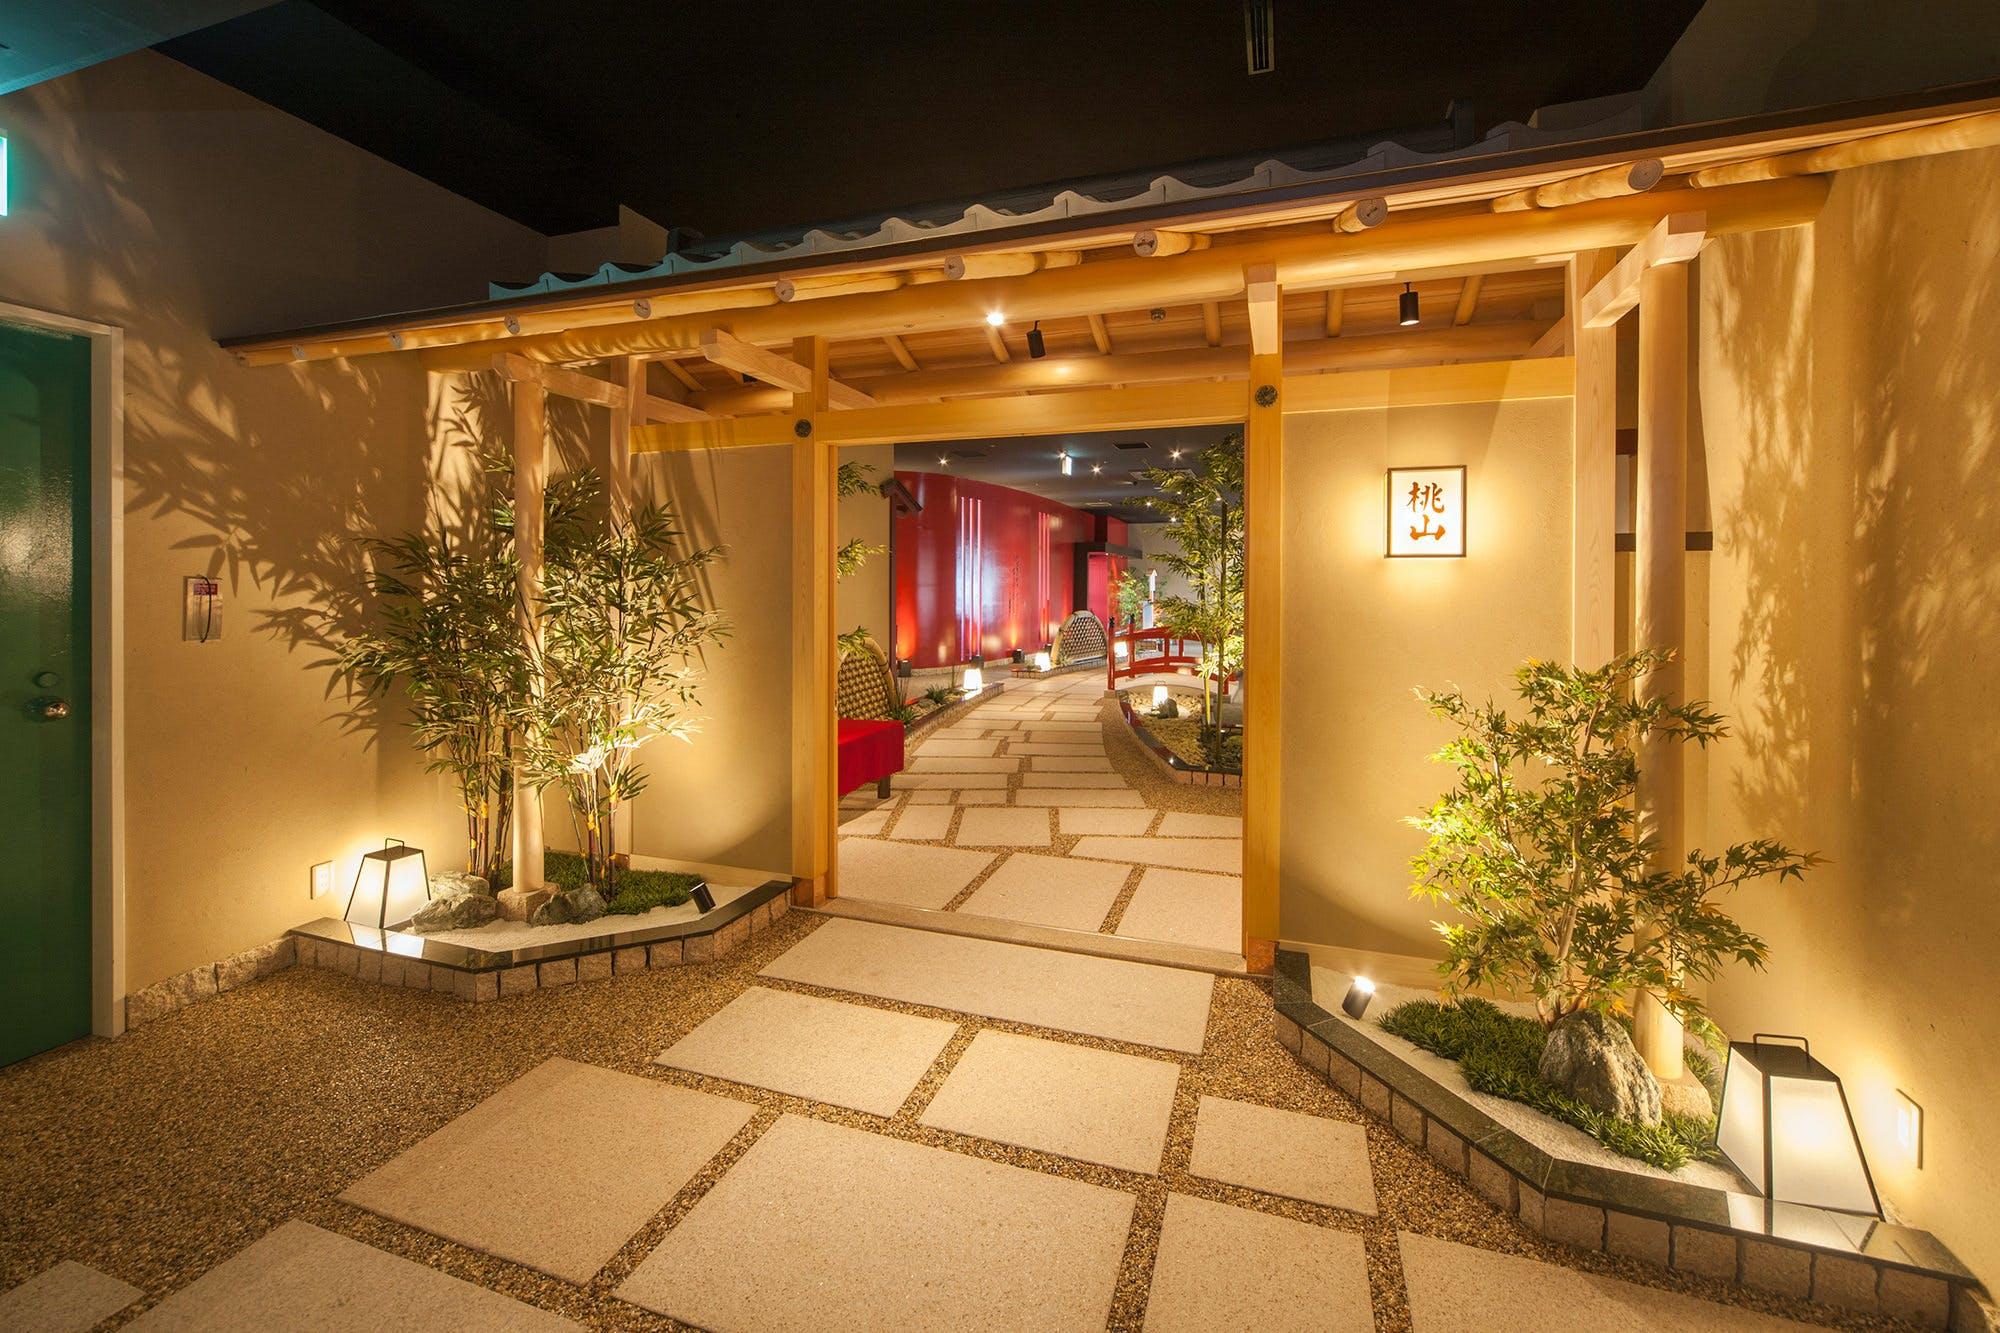 日本料理 桃山/神戸西神オリエンタルホテル17F